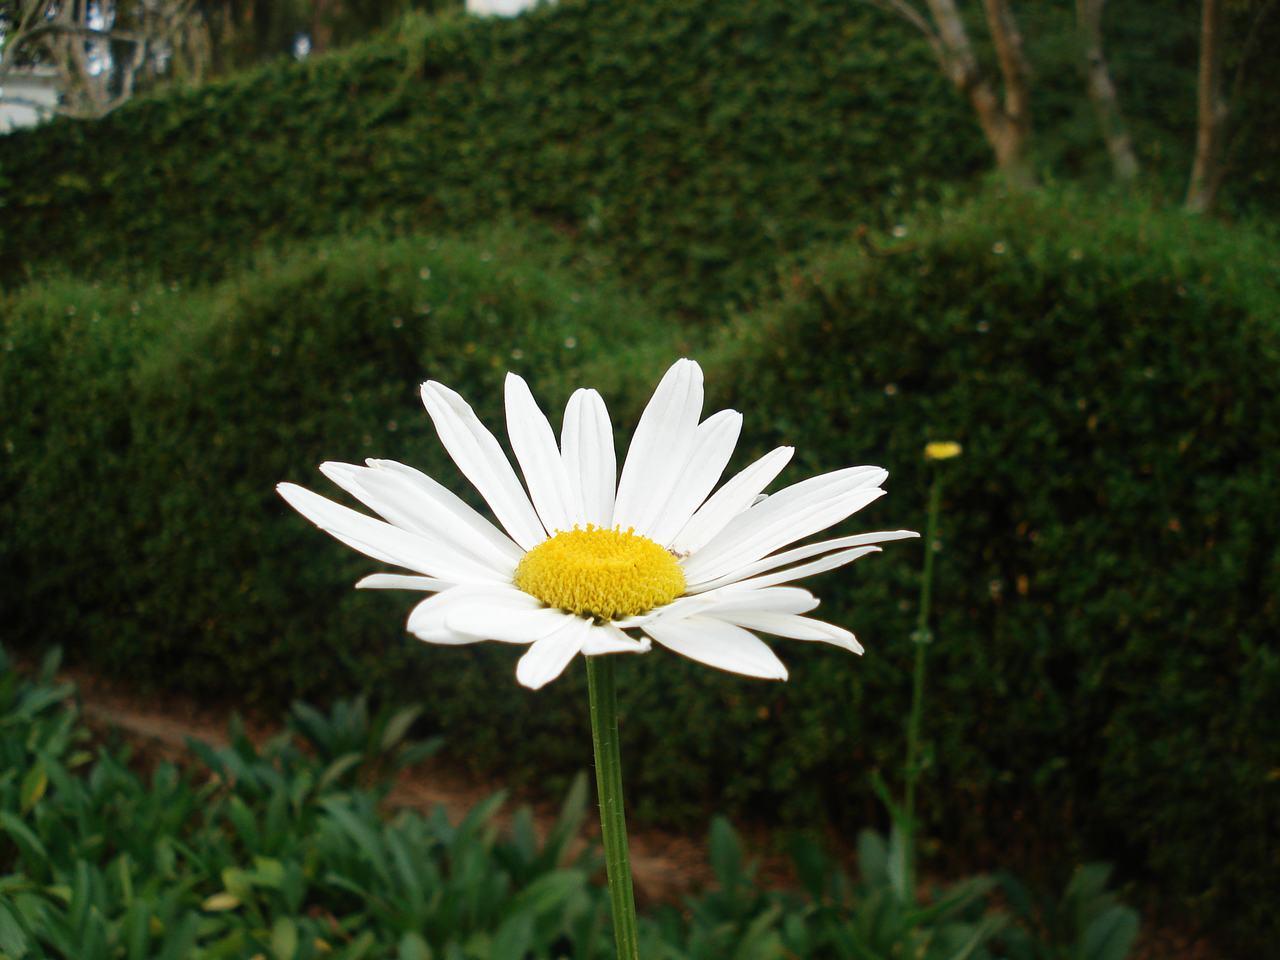 Ảnh nền hoa cúc trắng